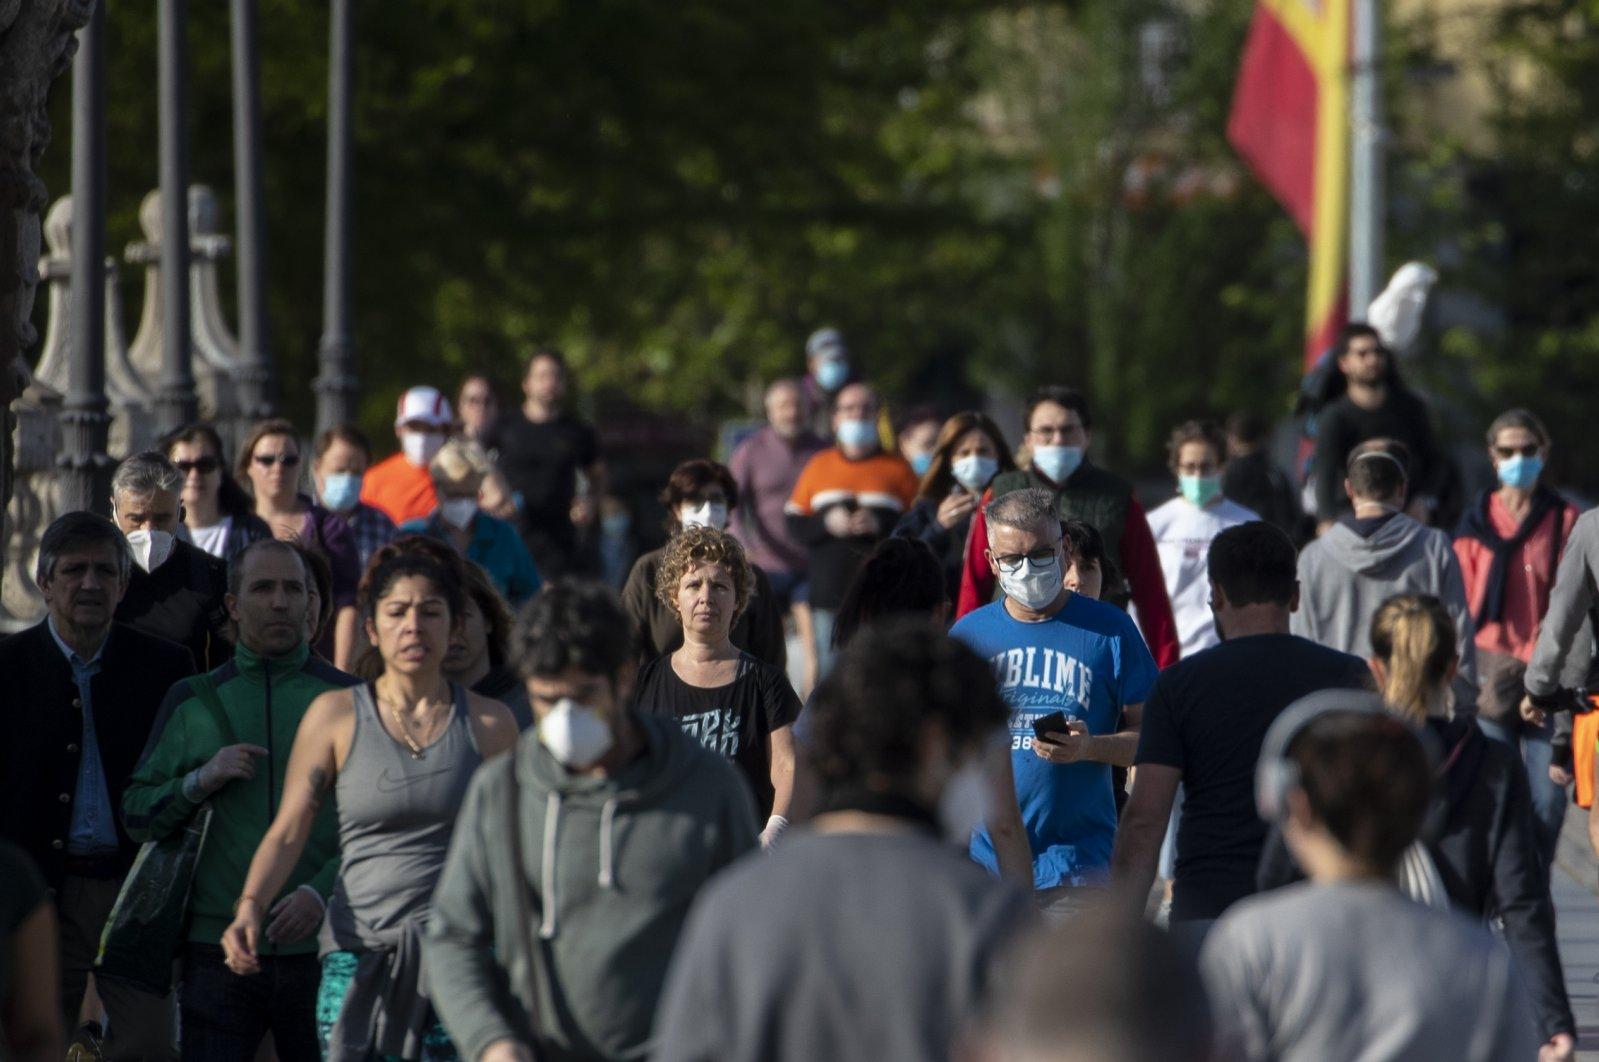 People cross the Toledo bridge in Madrid, Spain, May 3, 2020. (AP Photo)